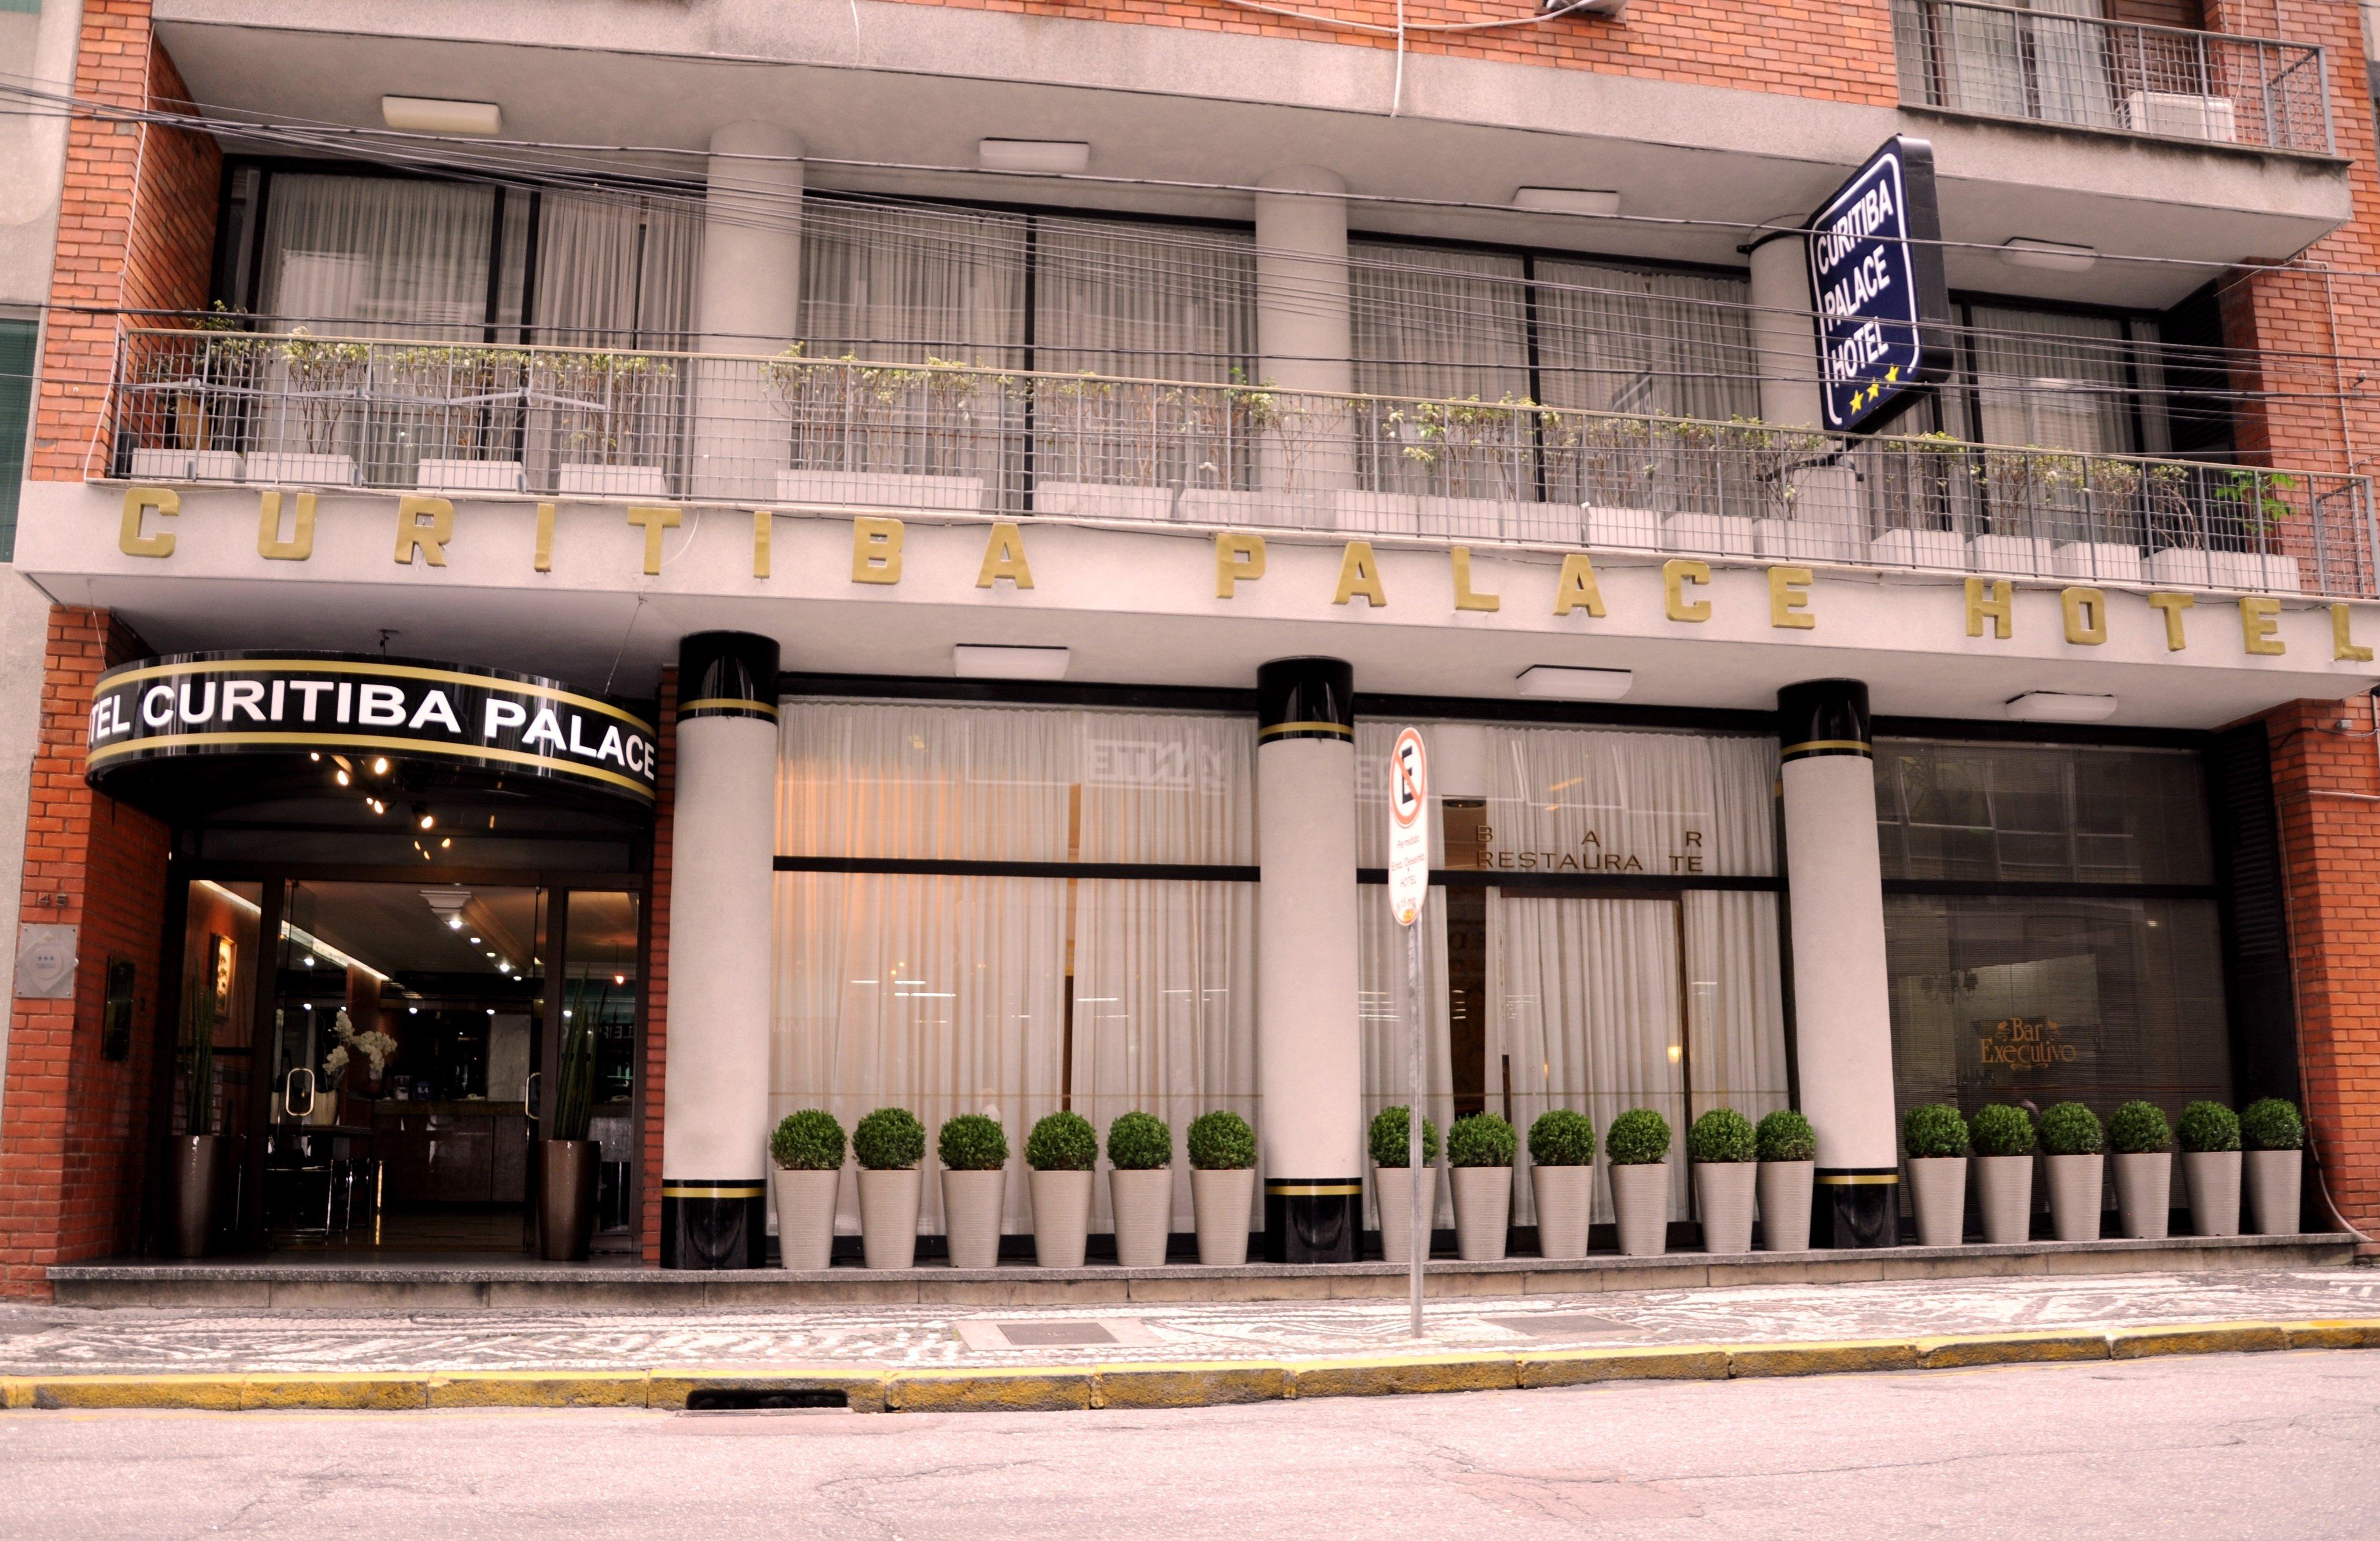 쿠리치바 팰리스 호텔